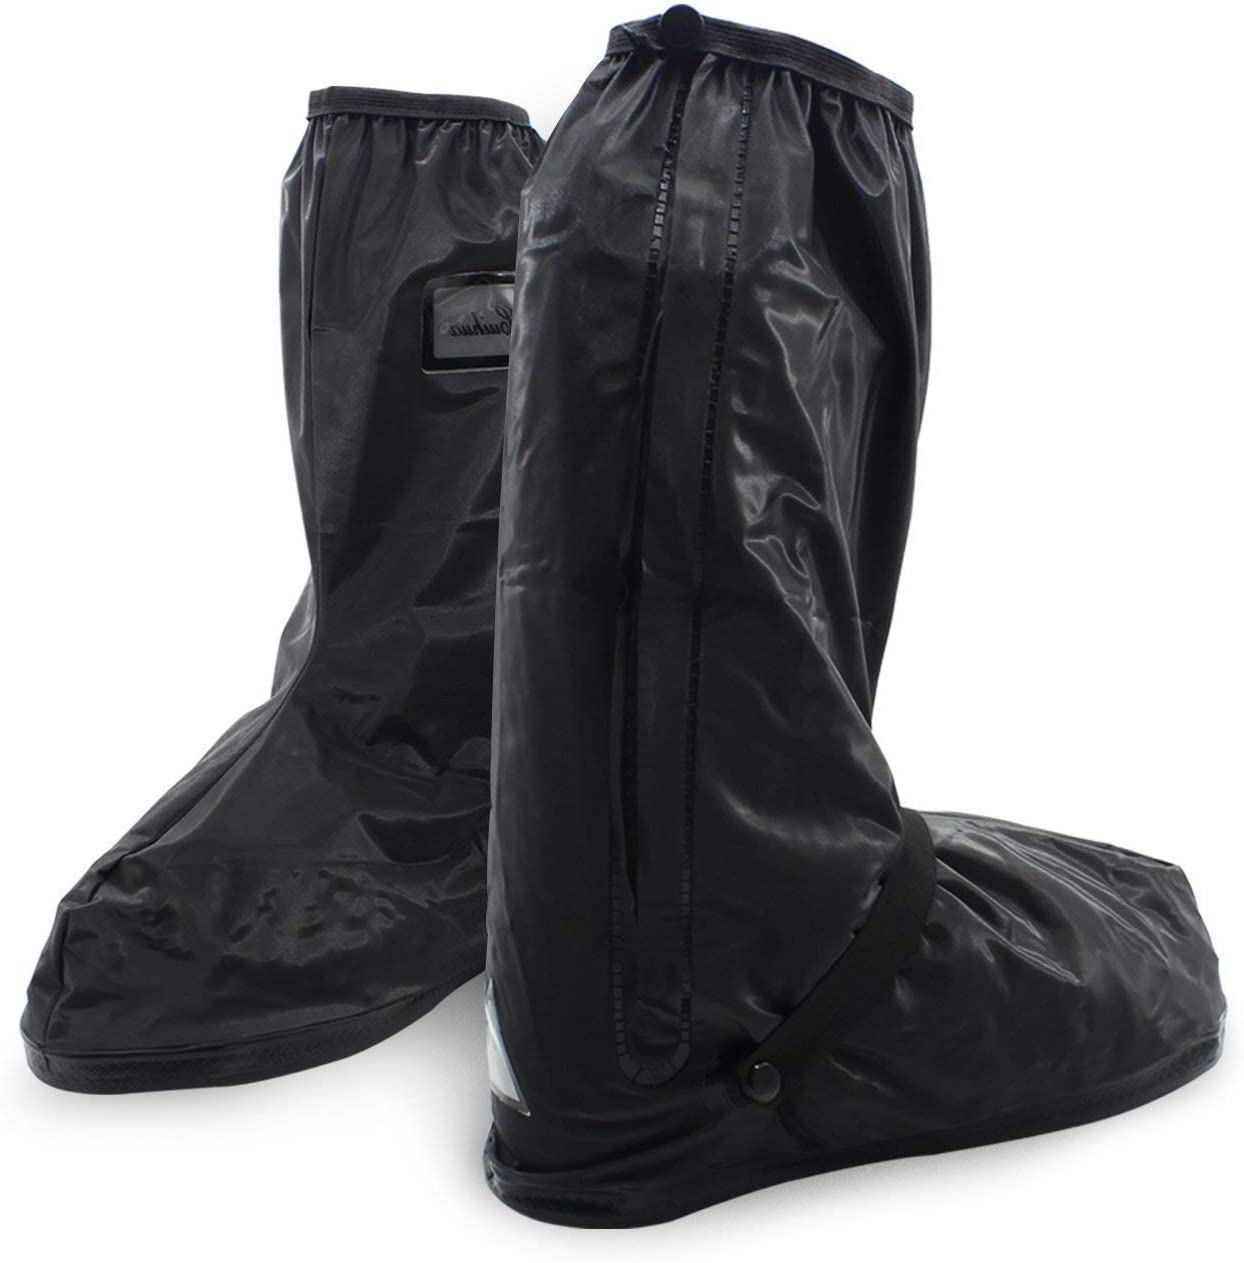 Txyk Botas Impermeables de Lluvia Antideslizantes Tanto para Hombres como para Mujeres